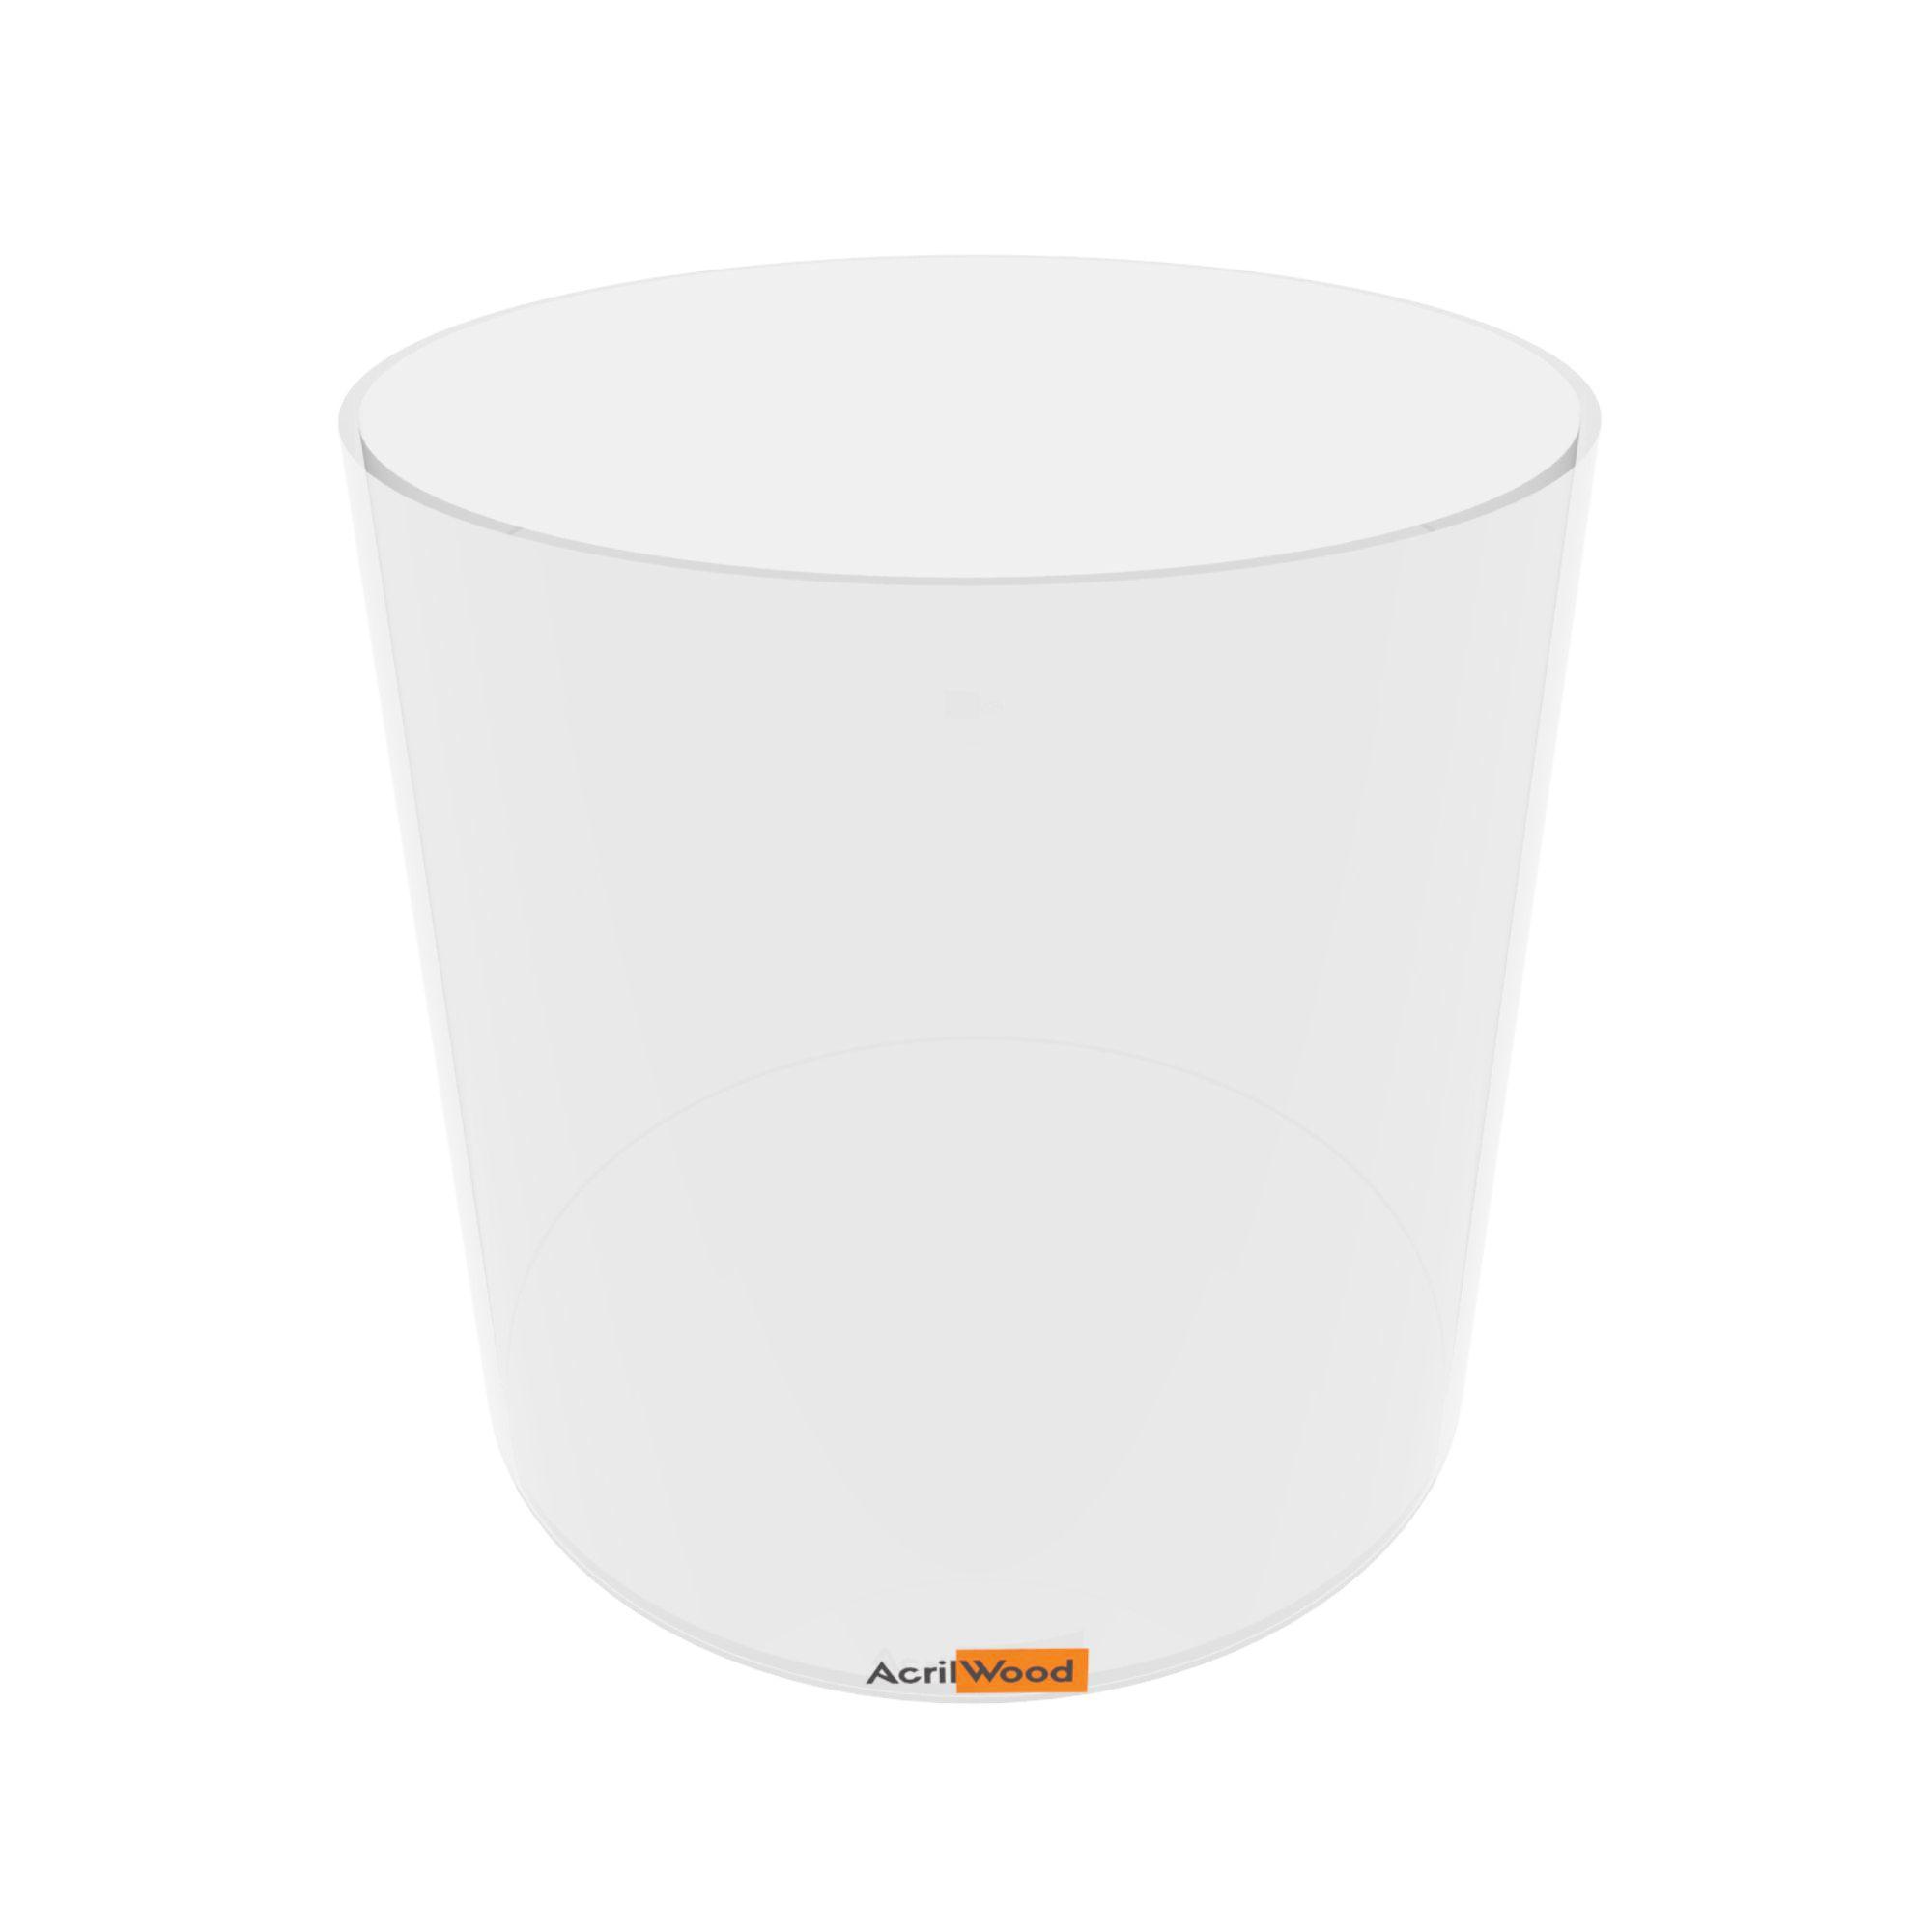 Pote Redondo Em Acrílico Cristal Para Alimentos - 25x25cm